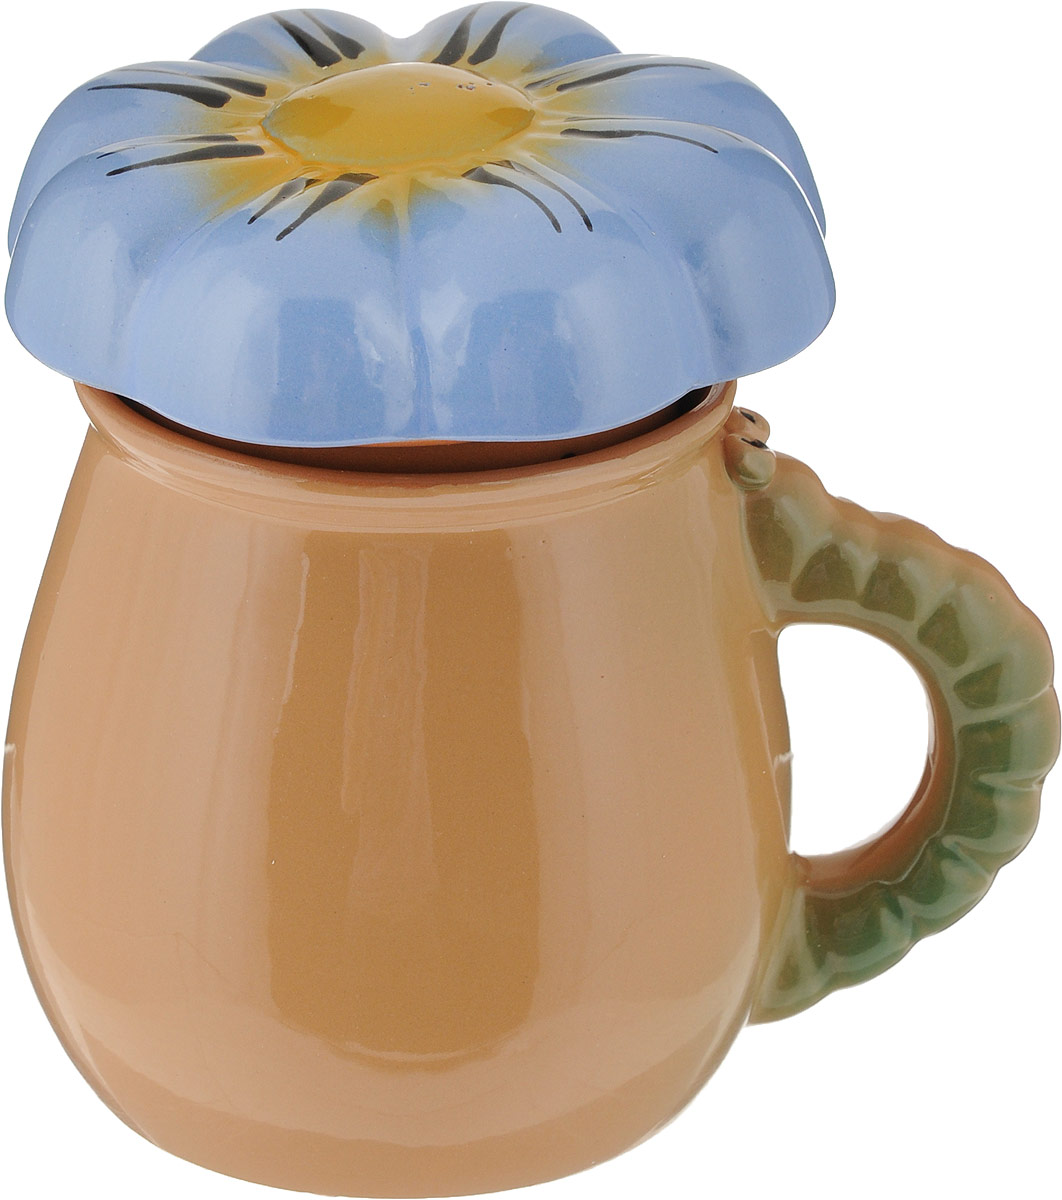 """Чашка Борисовская керамика """"Цветок"""", выполненная из высококачественной керамики, сочетает в себе изысканный дизайн с максимальной функциональностью.Чашка Борисовская керамика """"Цветок"""" и размером, и декором отвечает всем требованиям людей с широкой душой и хорошим аппетитом, поэтому прекрасно подходит как для ежедневных трапез, так и для подарка дорогим друзьям.  В комплект сходит крышка и фильтр. Диаметр чашки (по верхнему краю): 8,5 см. Высота стенки чашки: 10 см. Общий размер чашки (с фильтром и крышкой): 13,5 см. Размер фильтра: 8,5 х 8,5 х 7 см."""